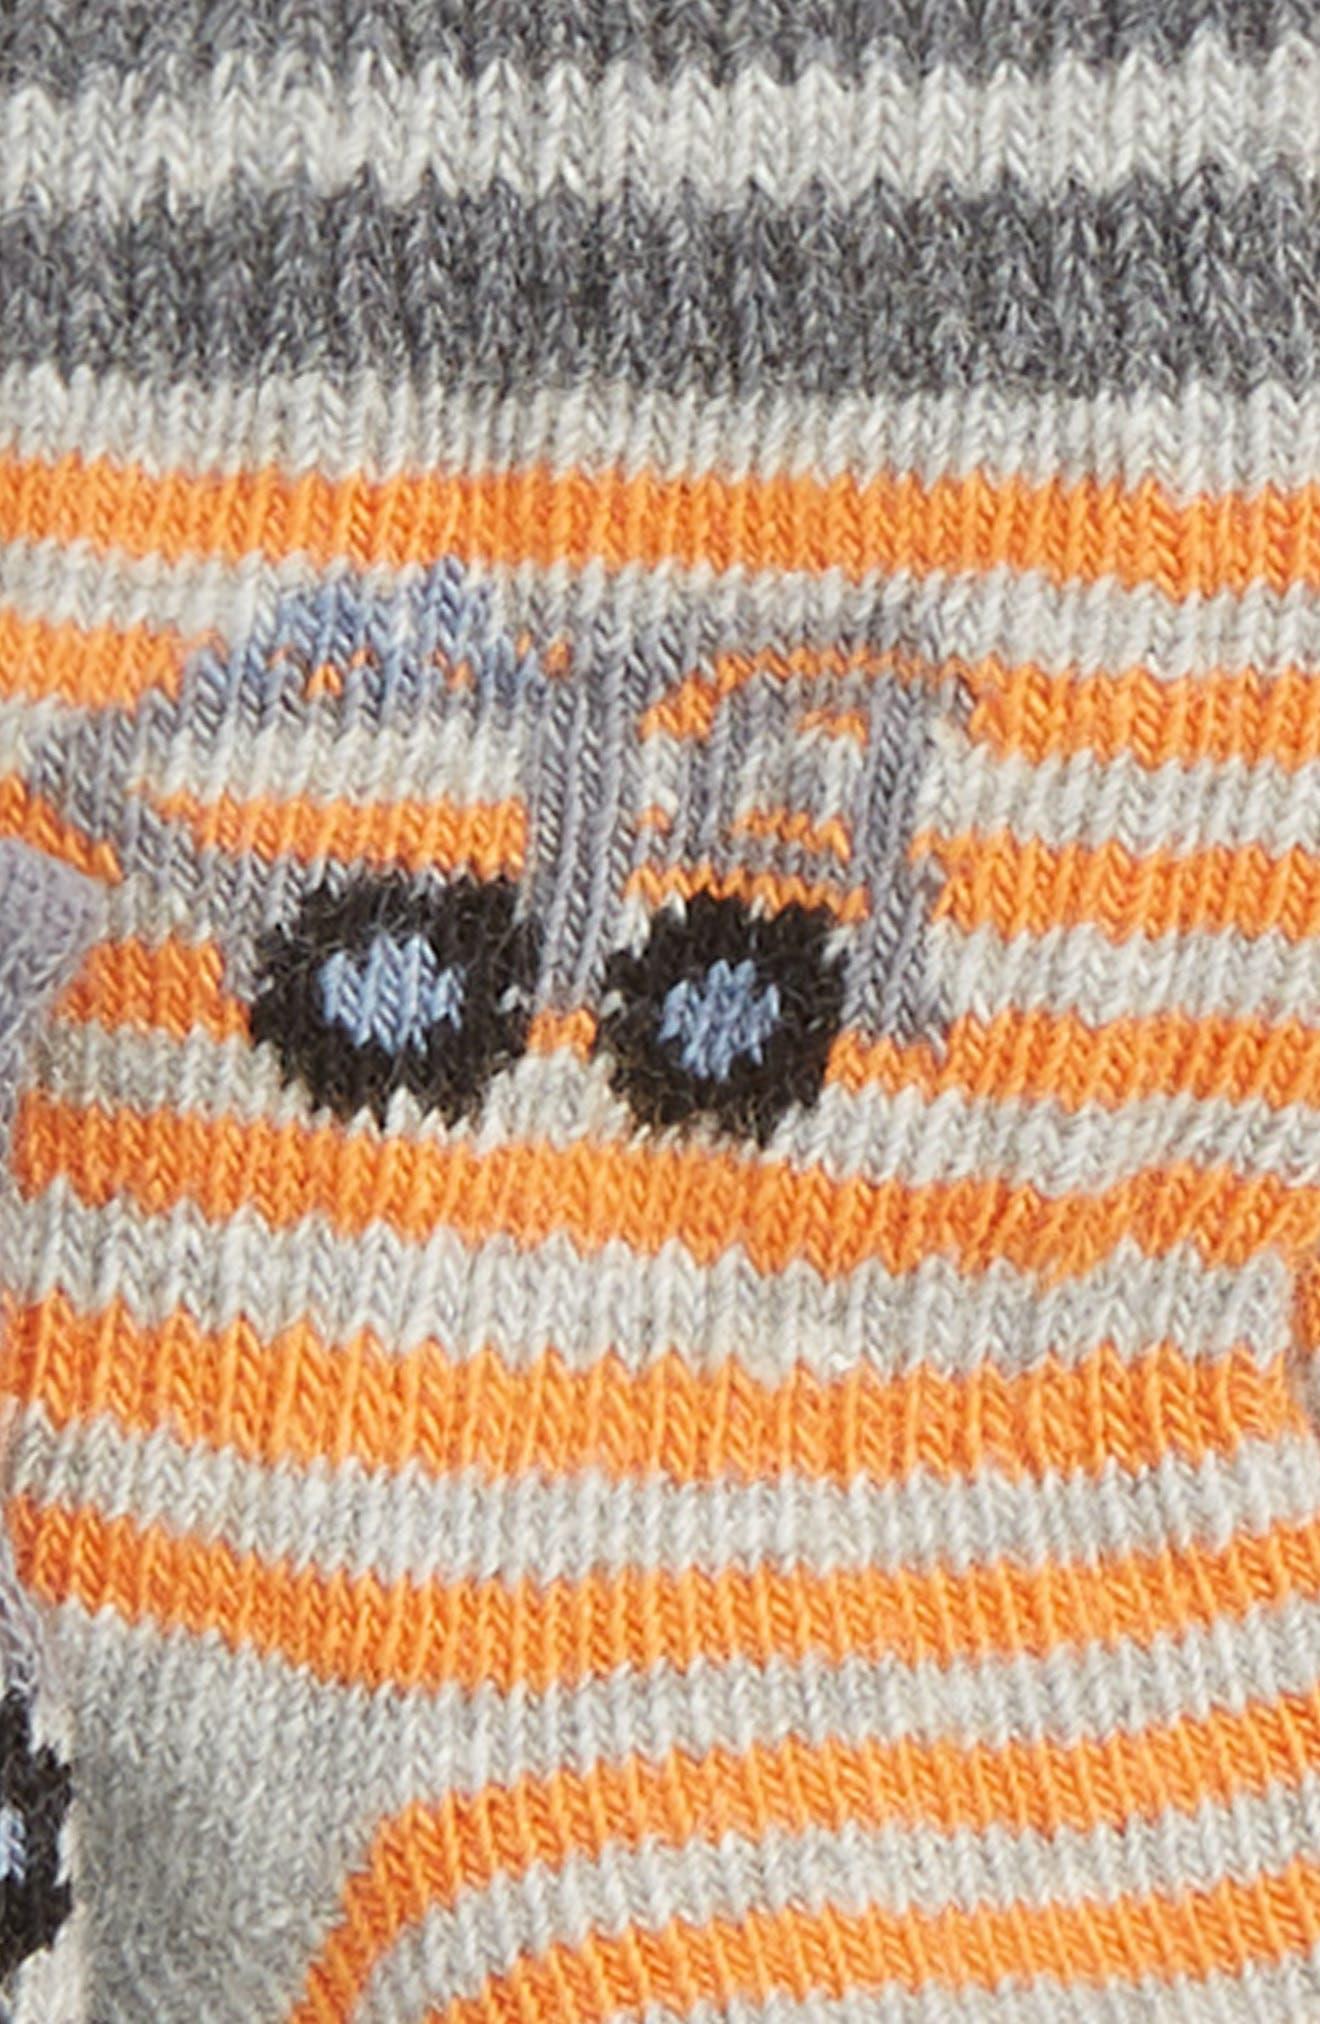 Gravel & Gears 3-Pack Socks,                             Alternate thumbnail 2, color,                             GREY/ ORANGE/ BLUE